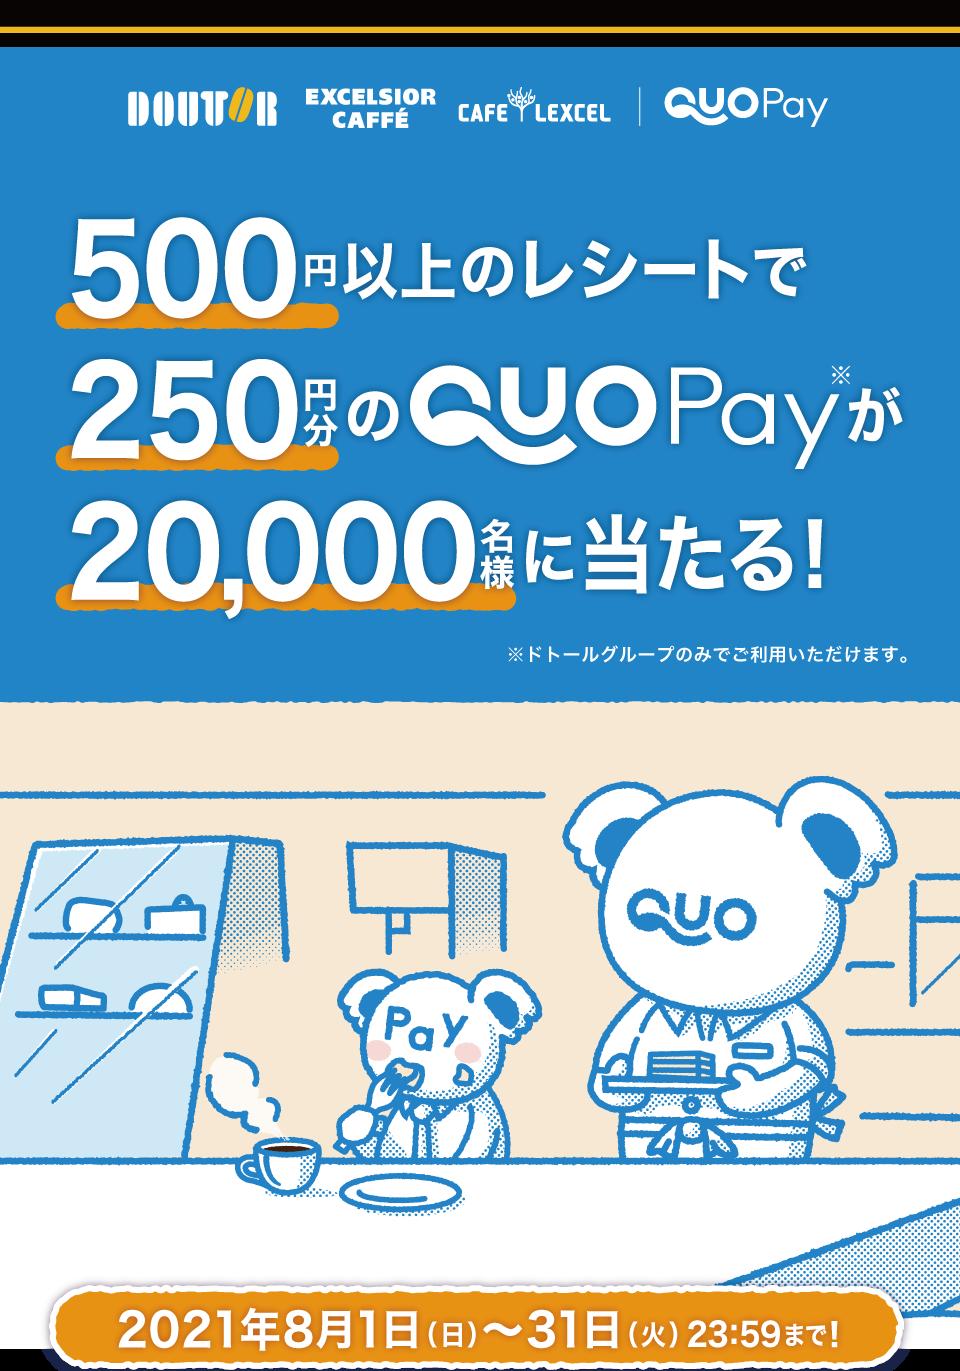 ドトールで500円以上買うと、250円分QUOカードPay250円が抽選で2万名に当たる。~8/31。